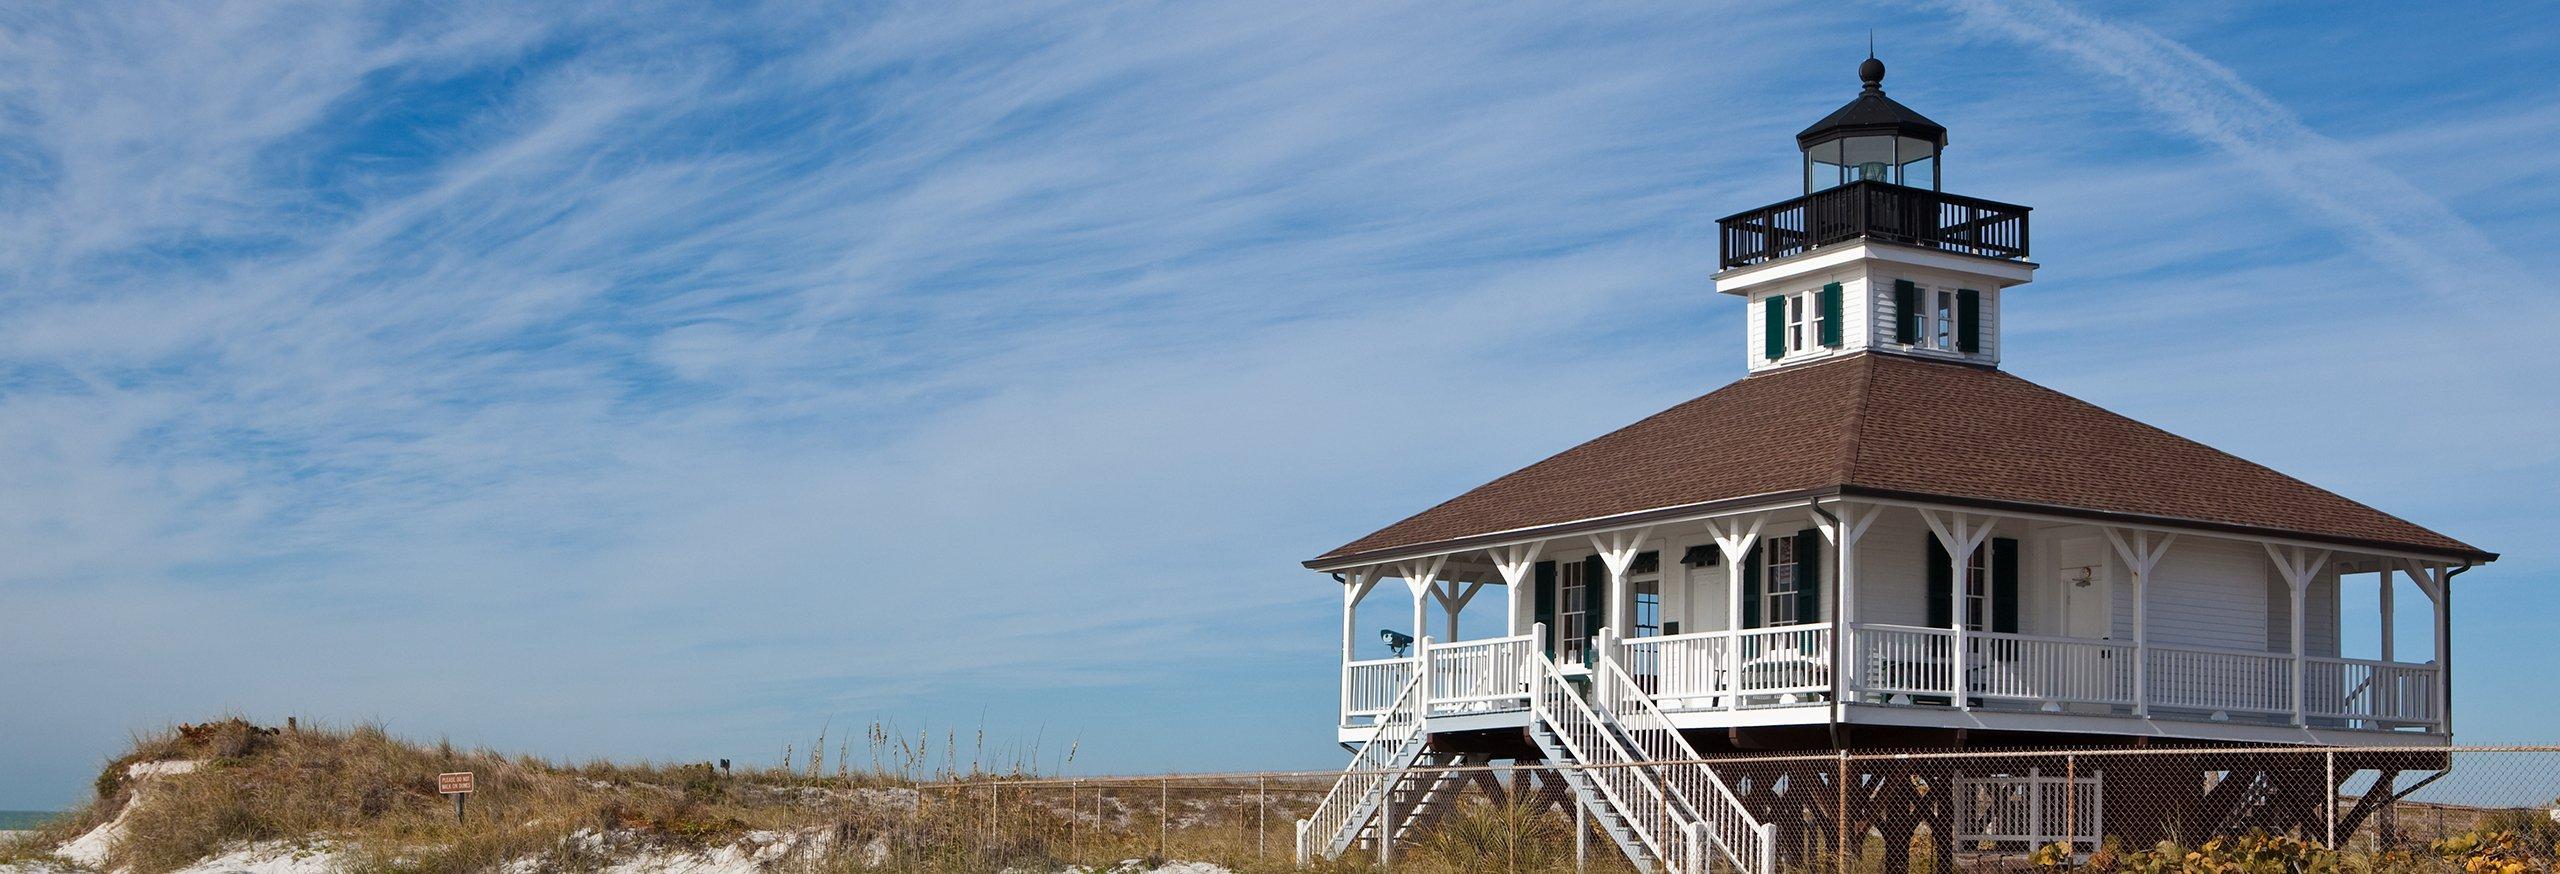 Harmony Harbor Light House